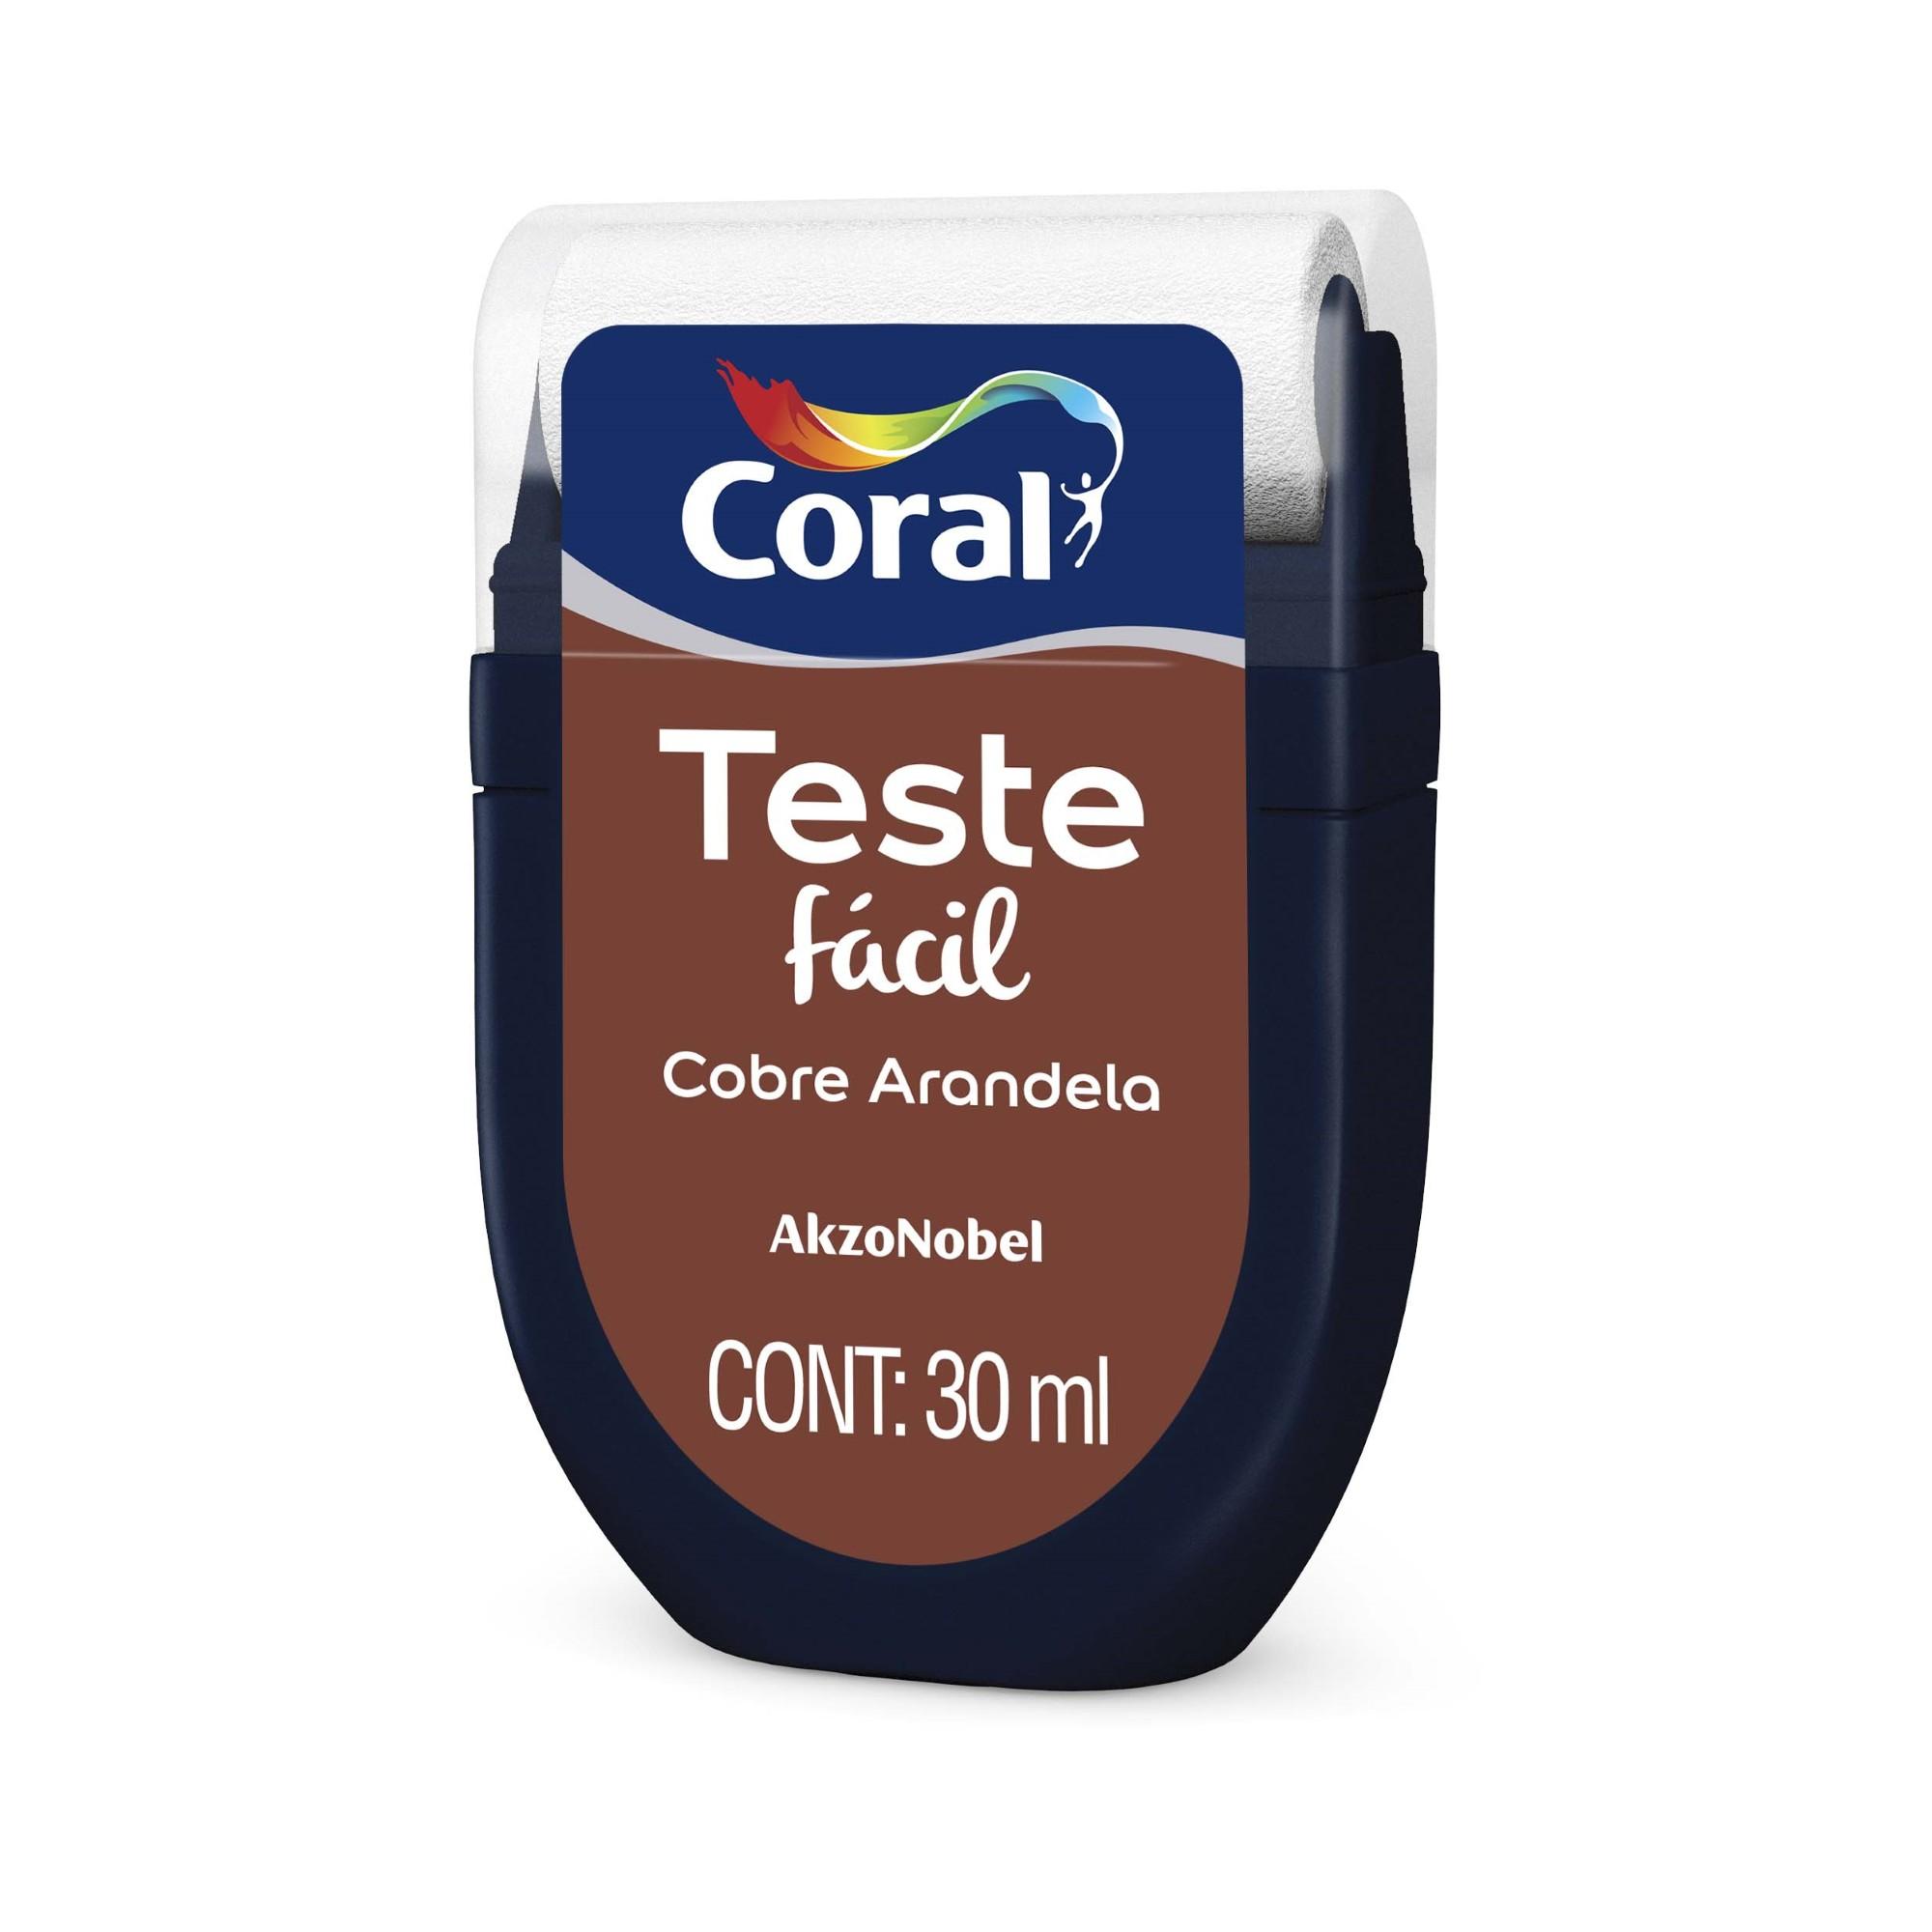 Teste Facil 30ml Cobre Arandela - Coral